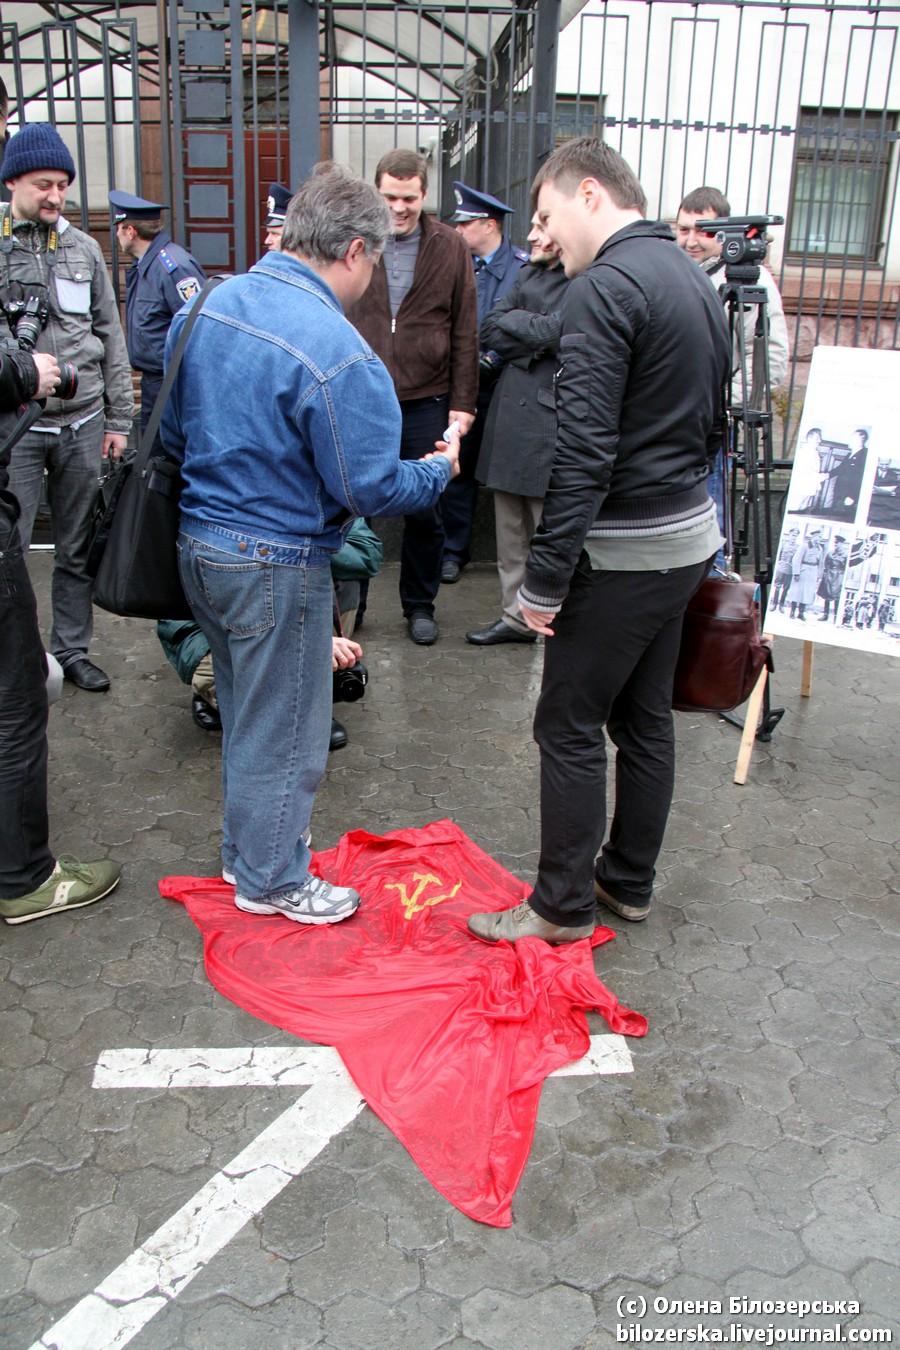 Во Львове запретили праздновать День Победы, а в Киеве топтались на Флаге Победы http://pics.livejournal.com/bilozerska_rus/pic/0006g4ab